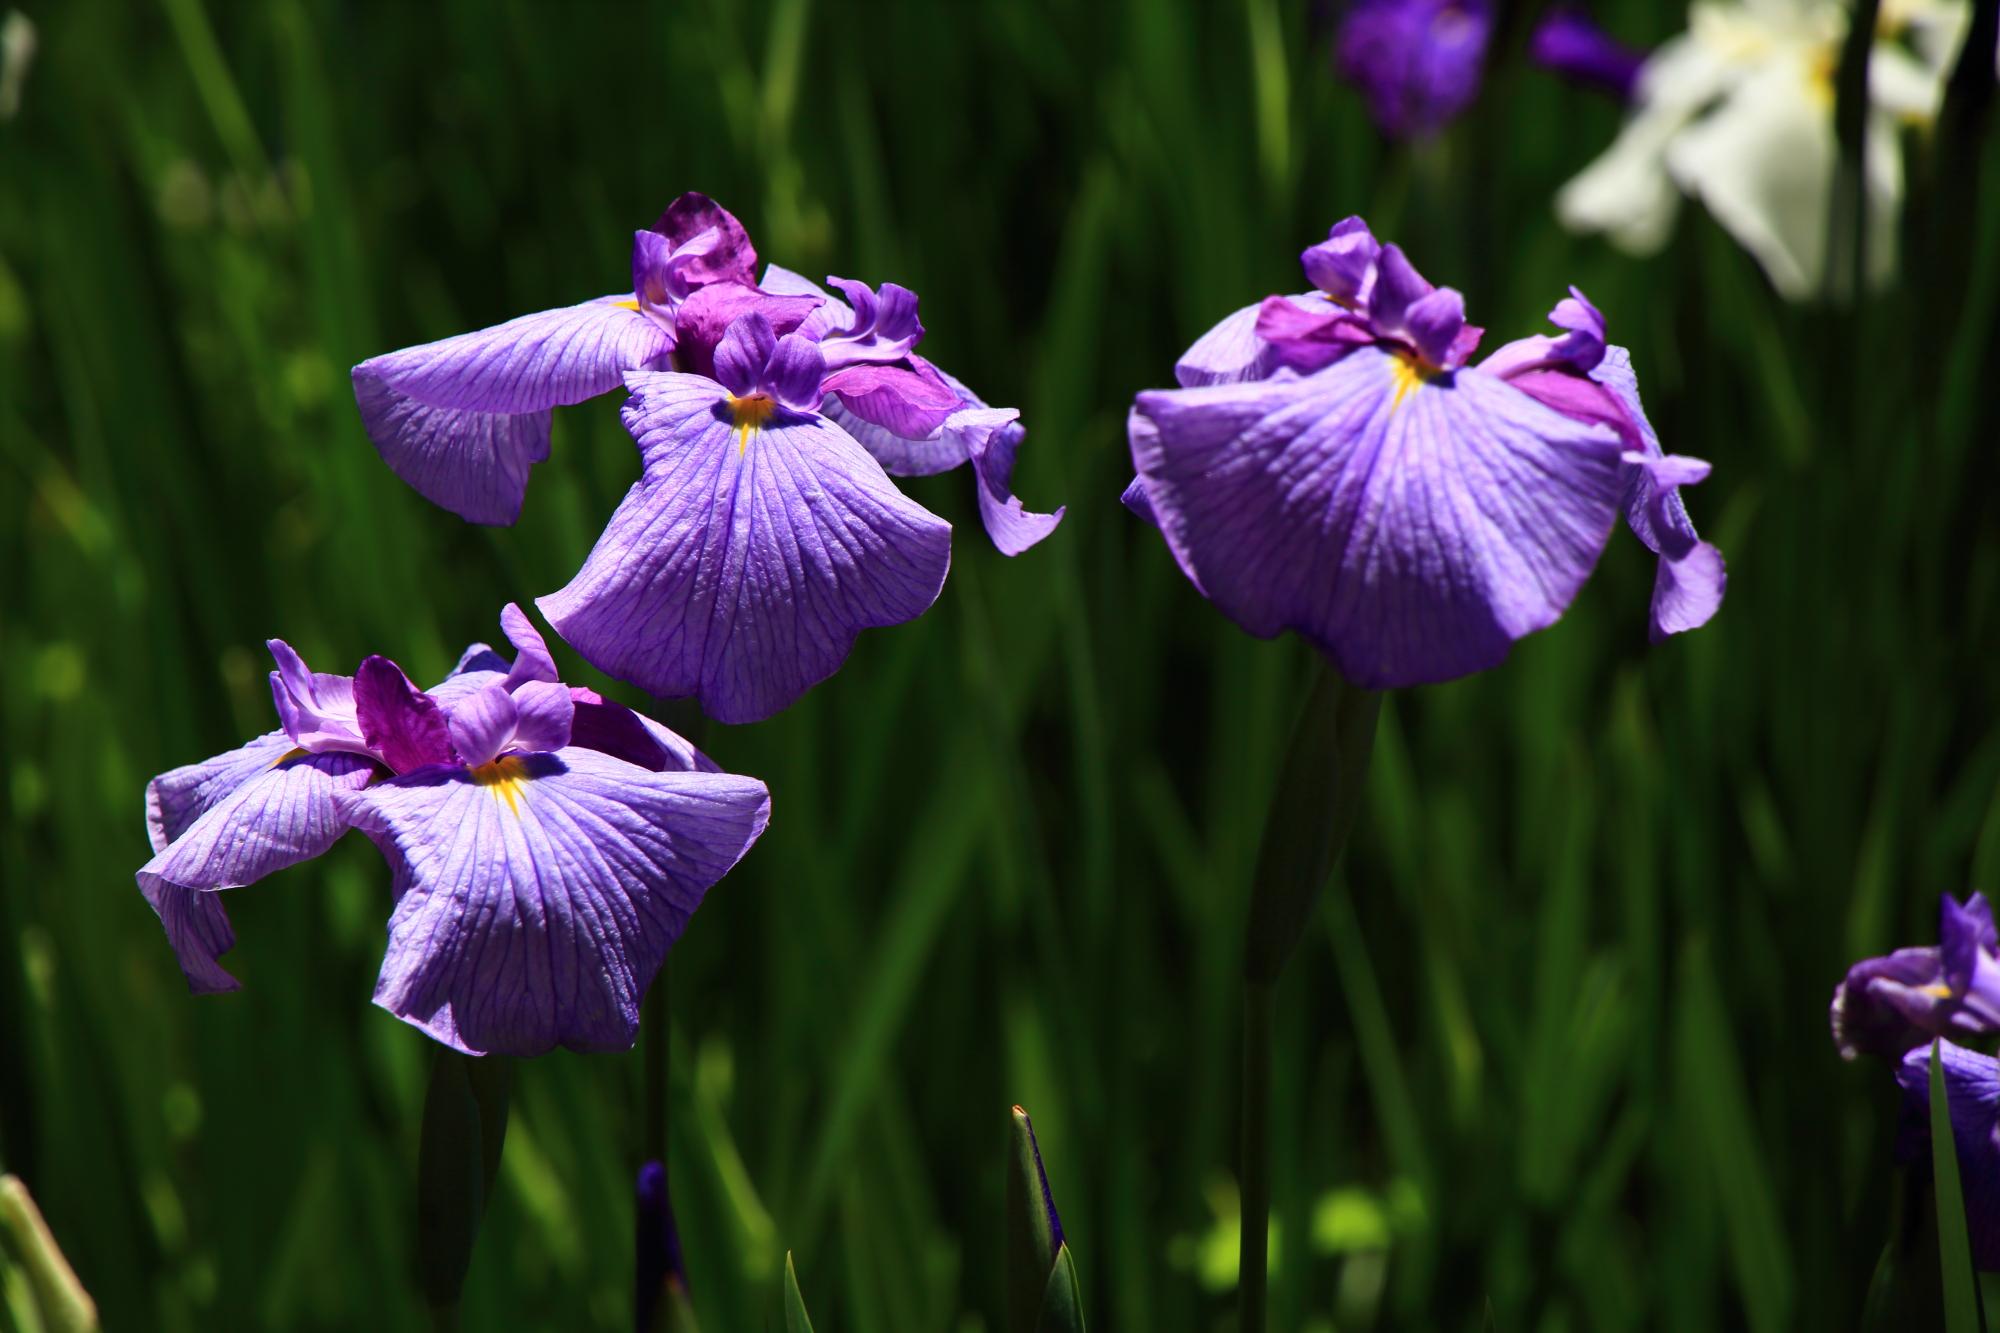 水辺を優しく彩る薄い紫の花菖蒲